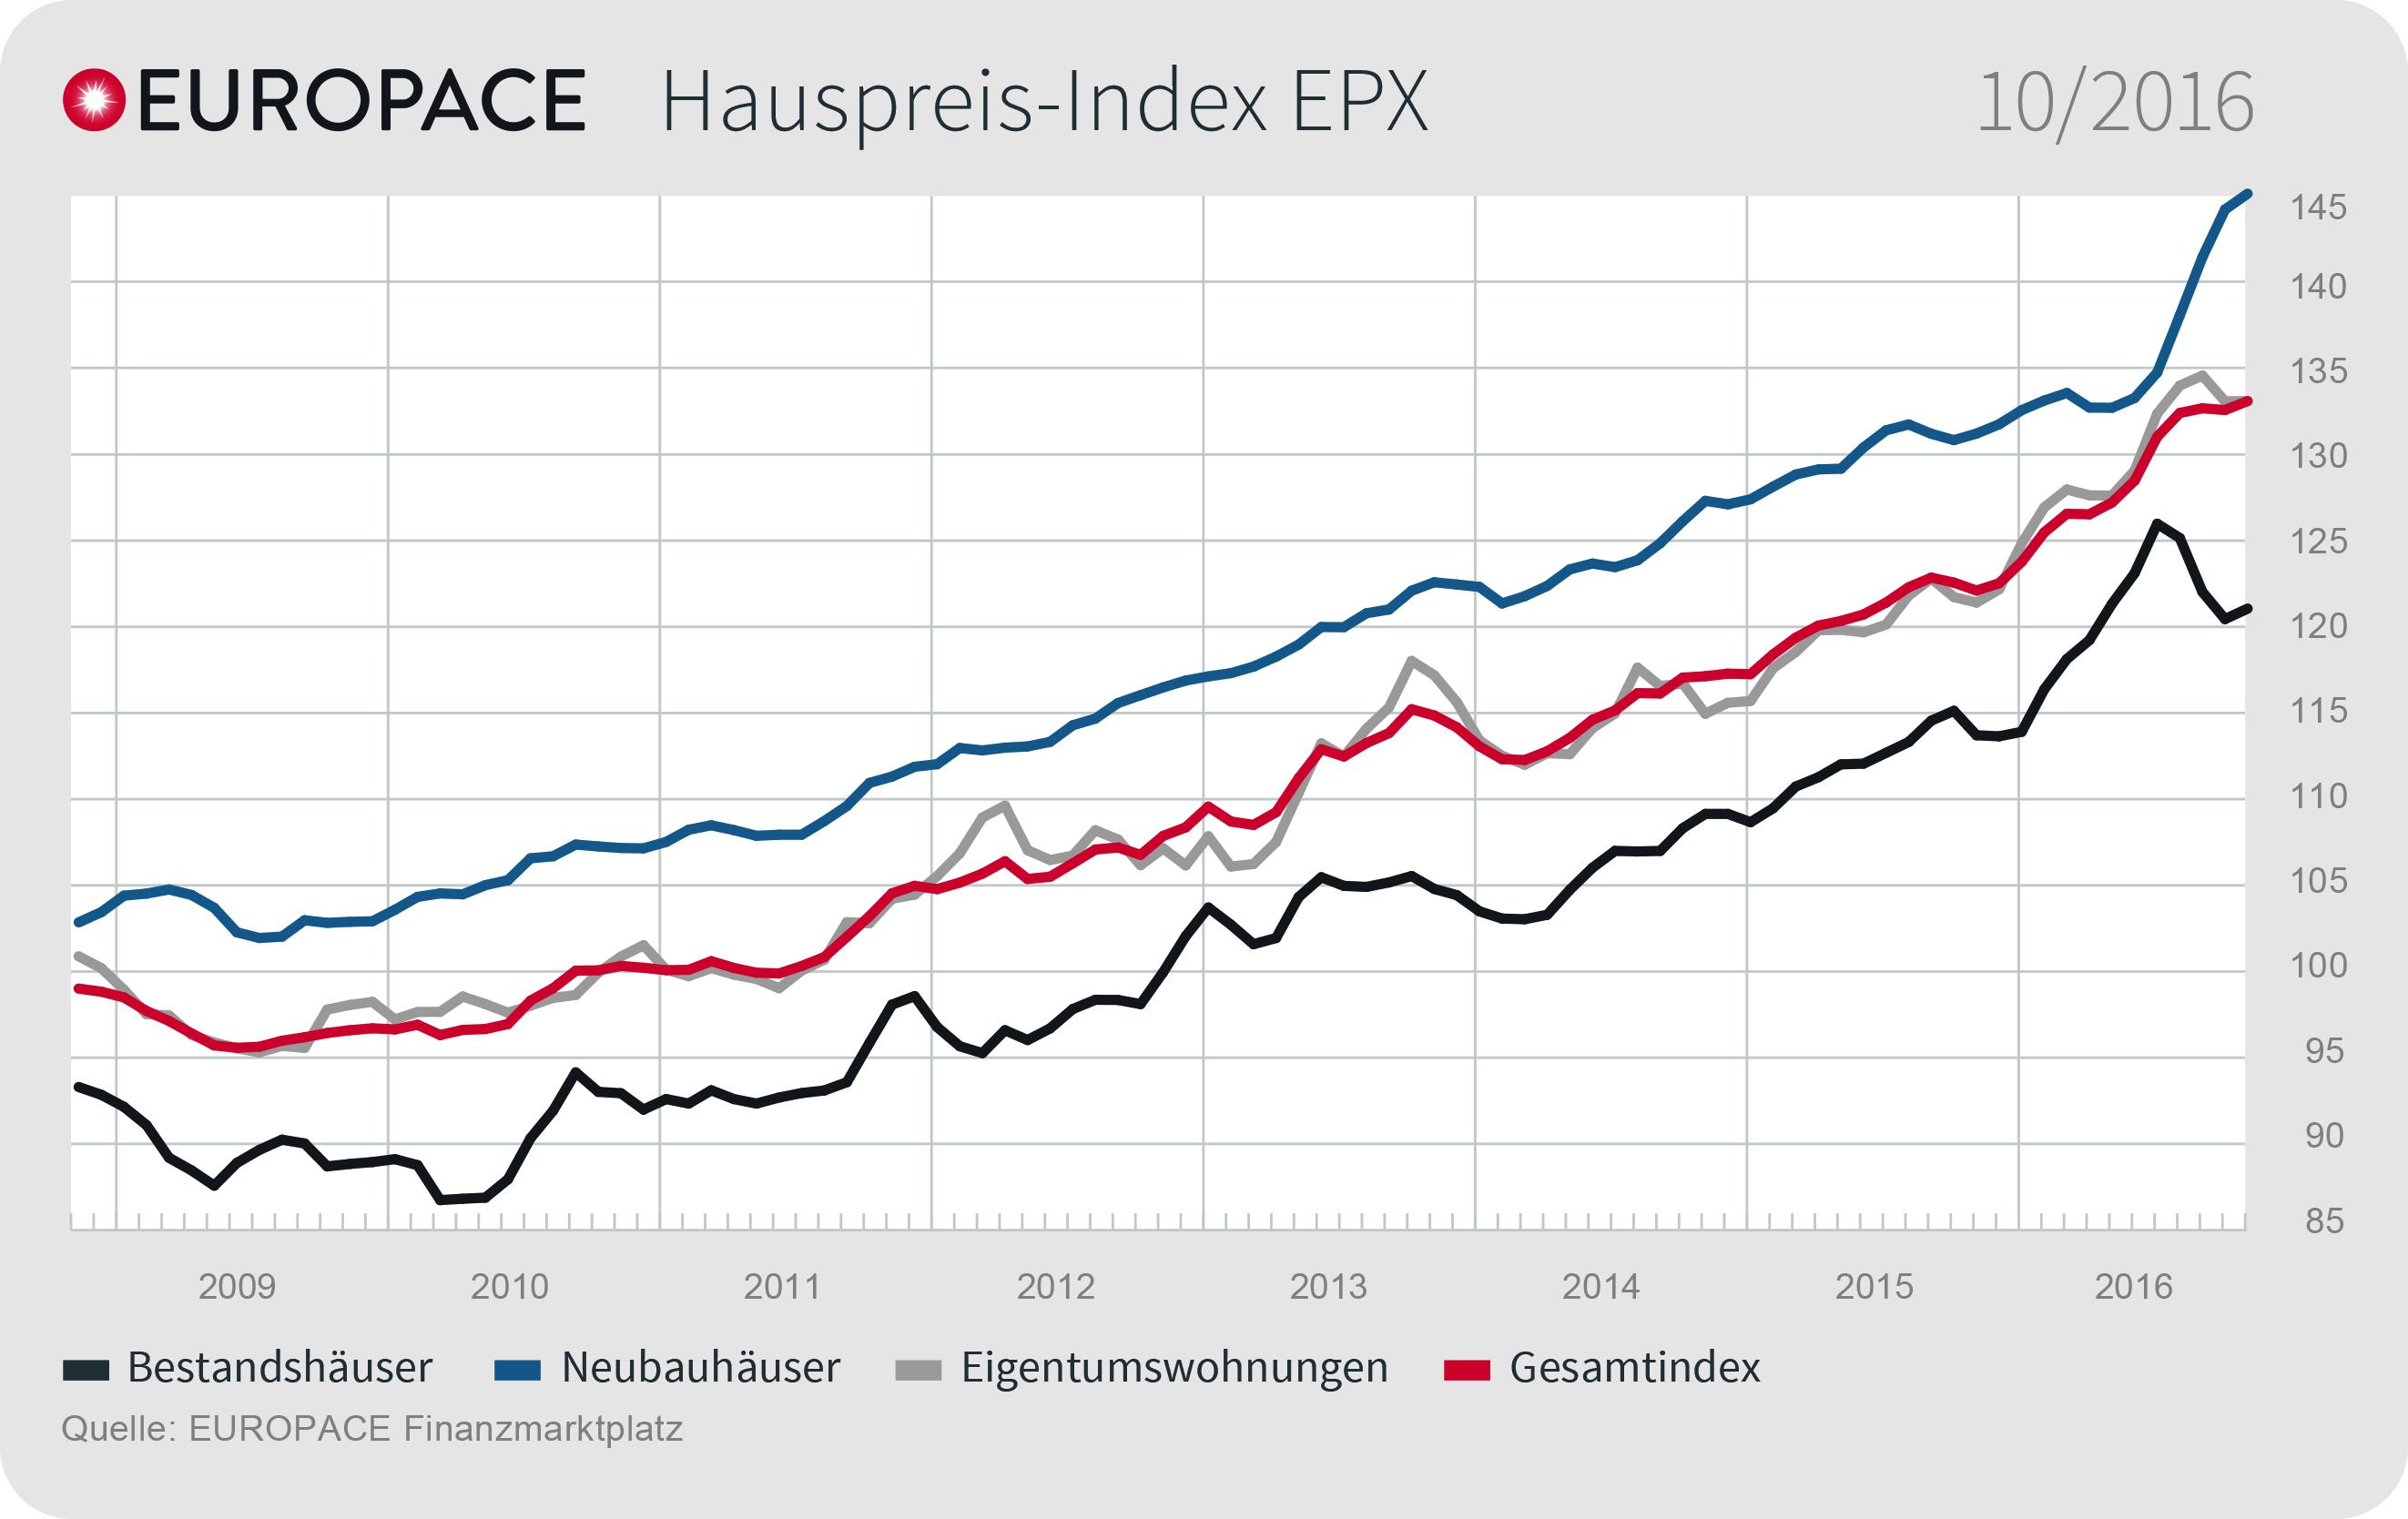 EPX Oktober 2016 DE in EPX: Wohnimmobilienpreise stagnieren